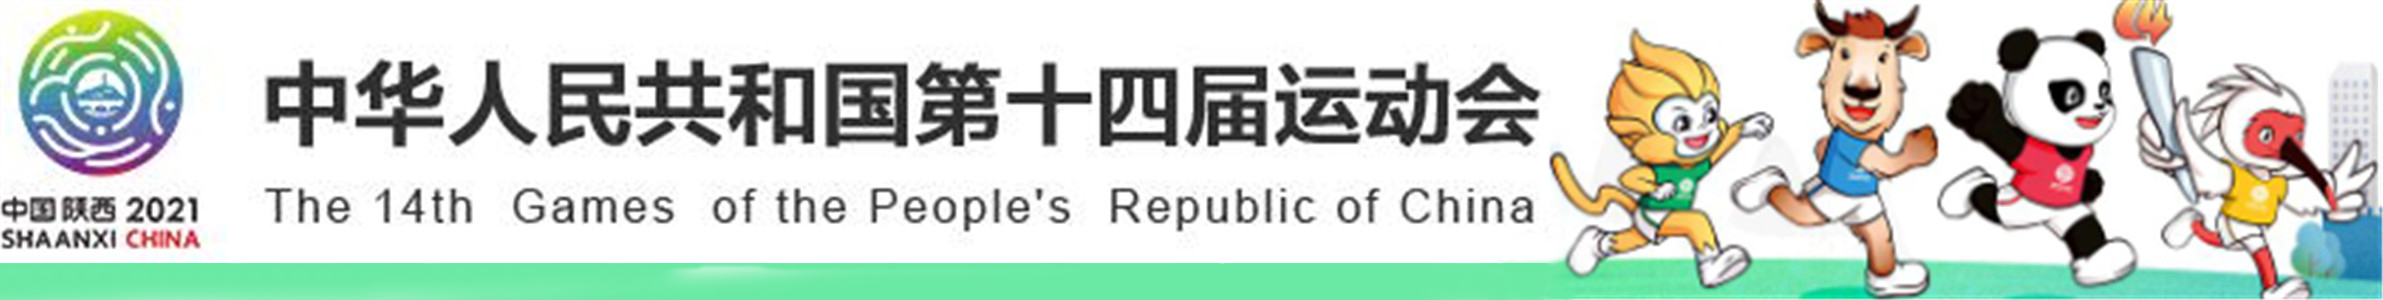 中华人民共和国第十四届全国运动会